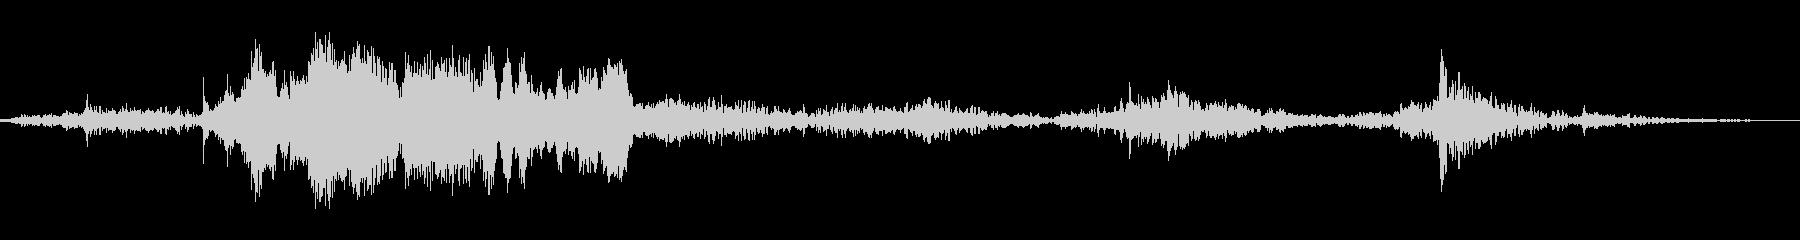 メタリックメタルムーブメント-ヘビ...の未再生の波形